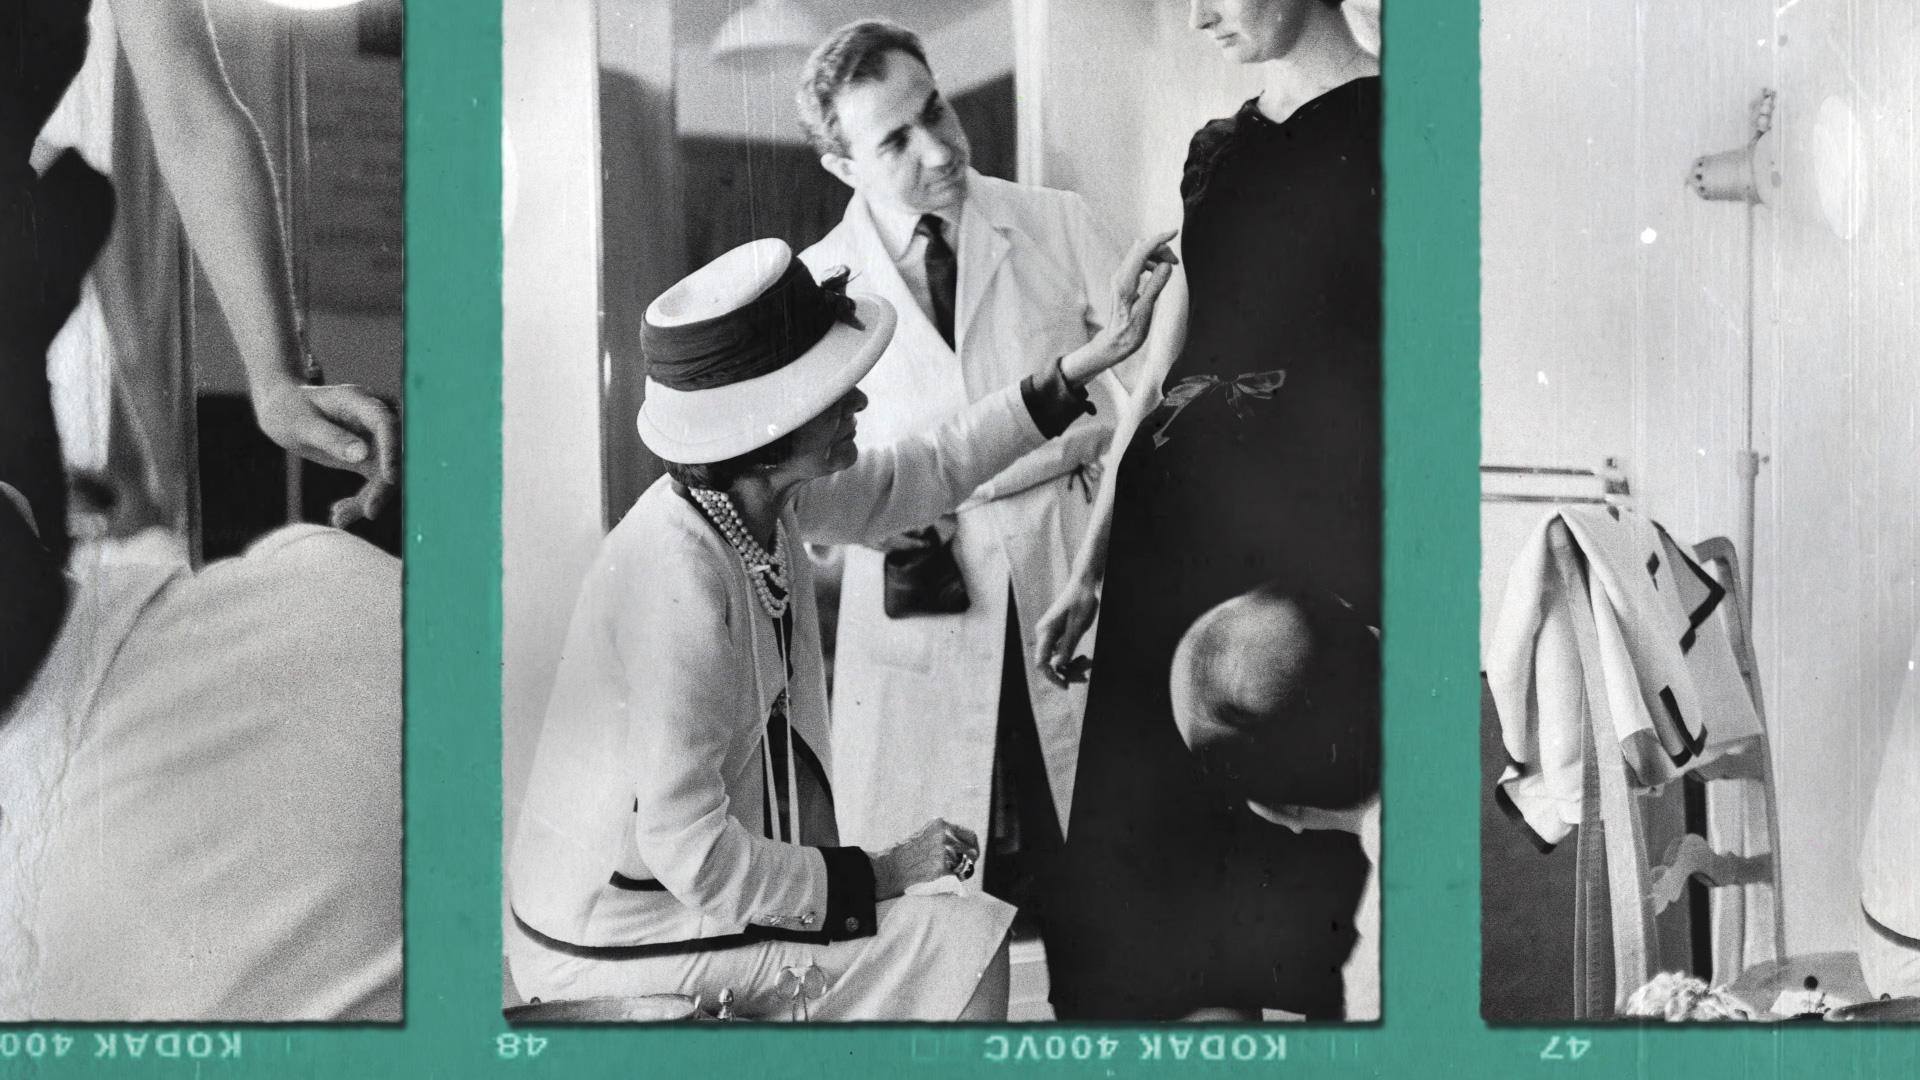 Chanel Gabrielle Chanel and Cinema Fashion Ad Campaign Film